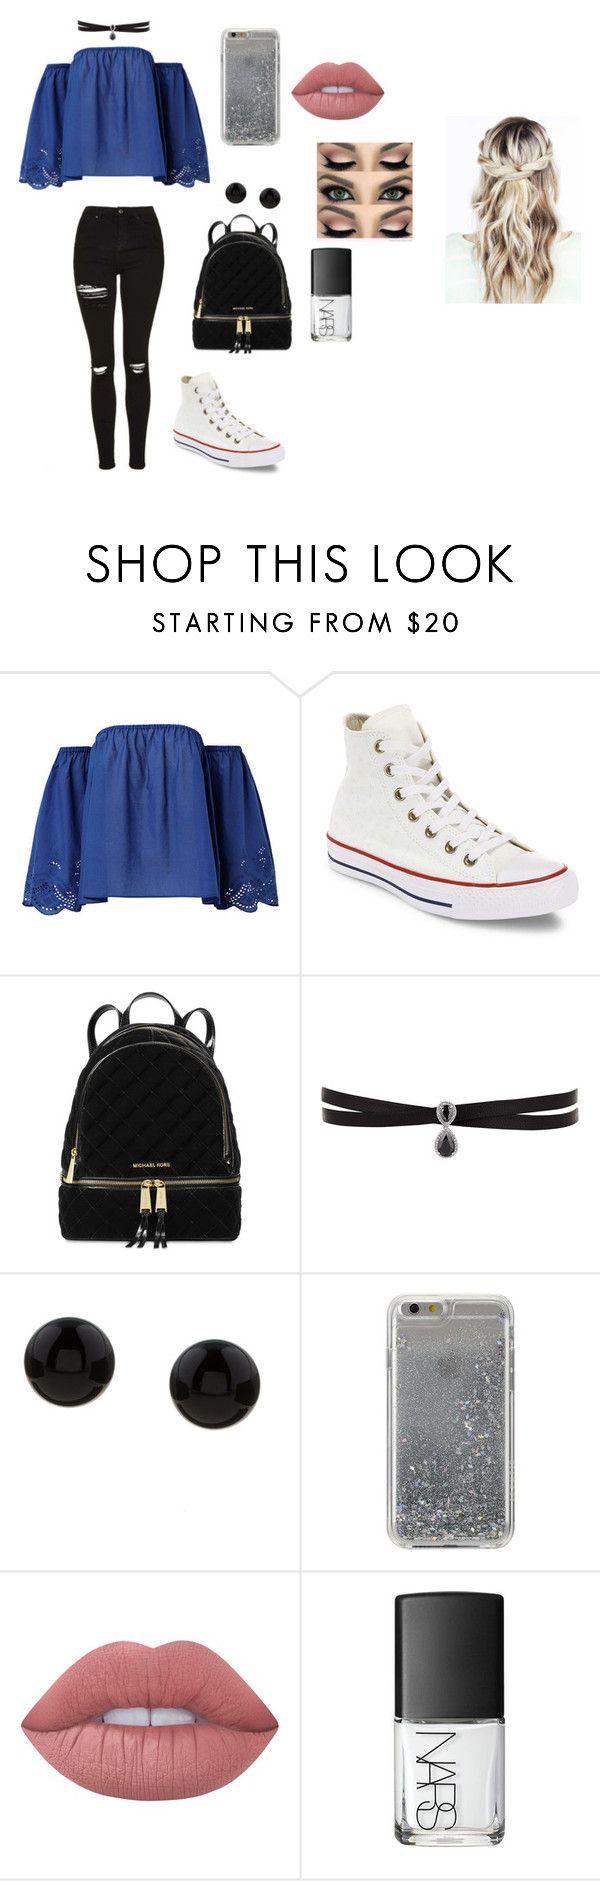 Ciganinha jeans + calça preta + all star + acessórios